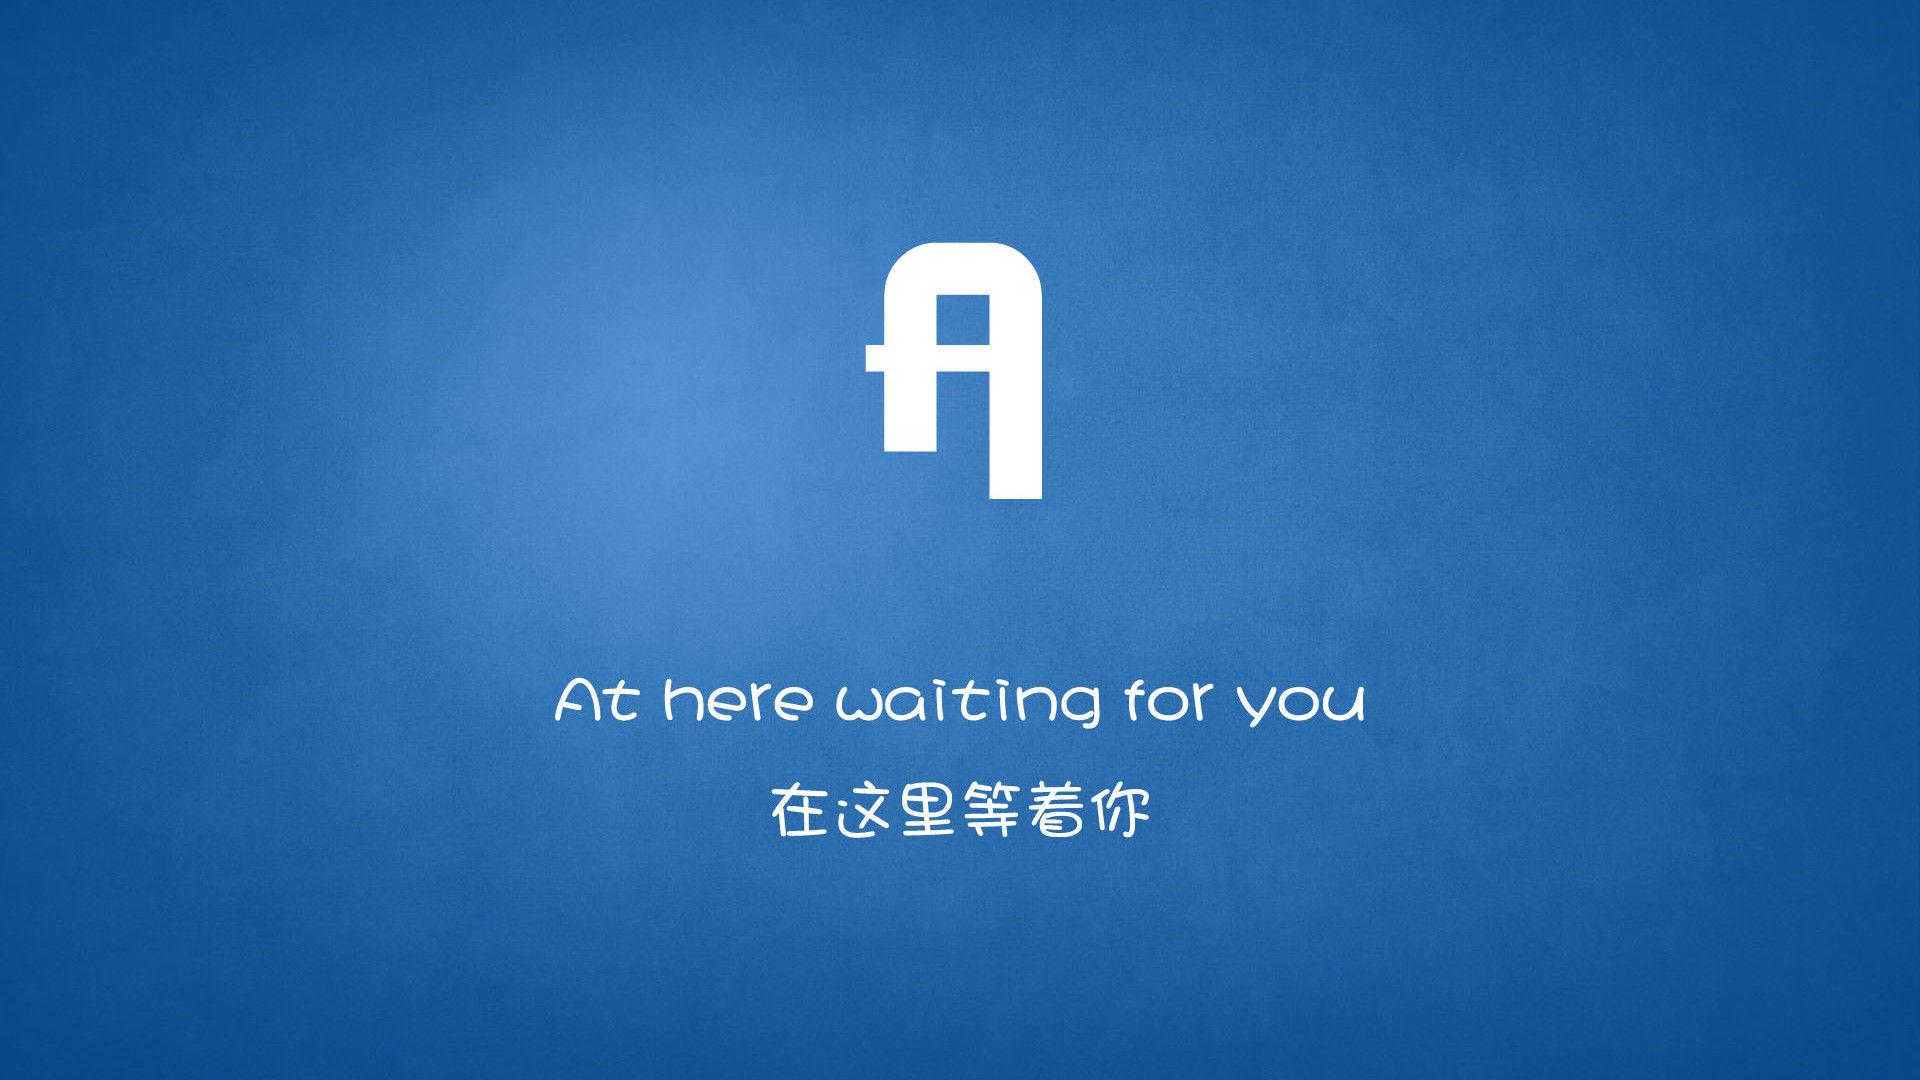 26個英文字母詮釋的愛情簡約寬屏壁紙